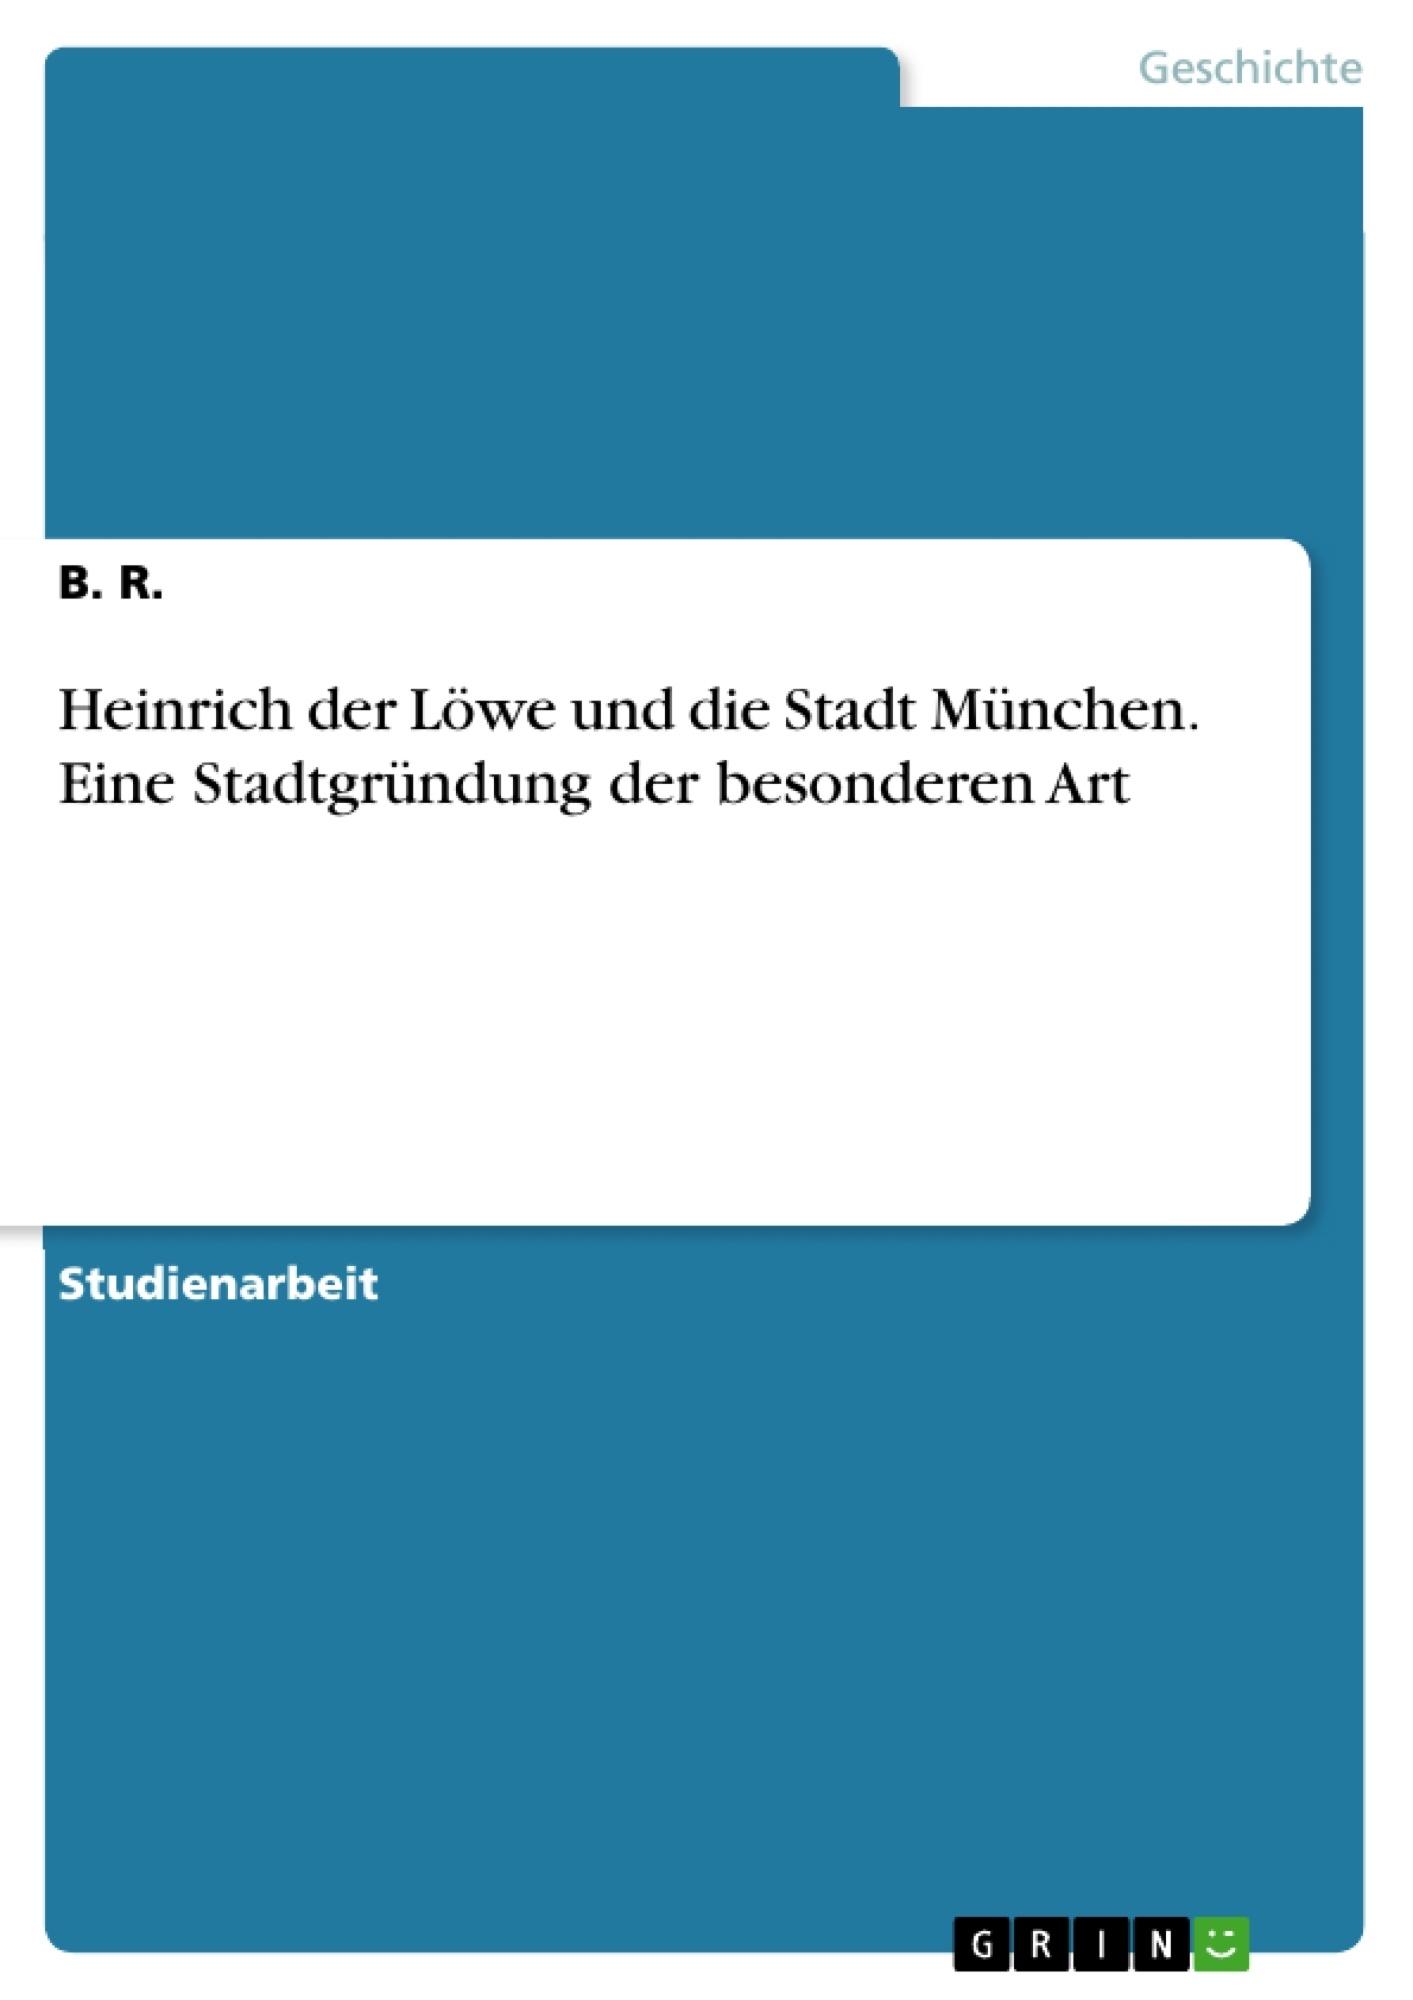 Titel: Heinrich der Löwe und die Stadt München. Eine Stadtgründung der besonderen Art